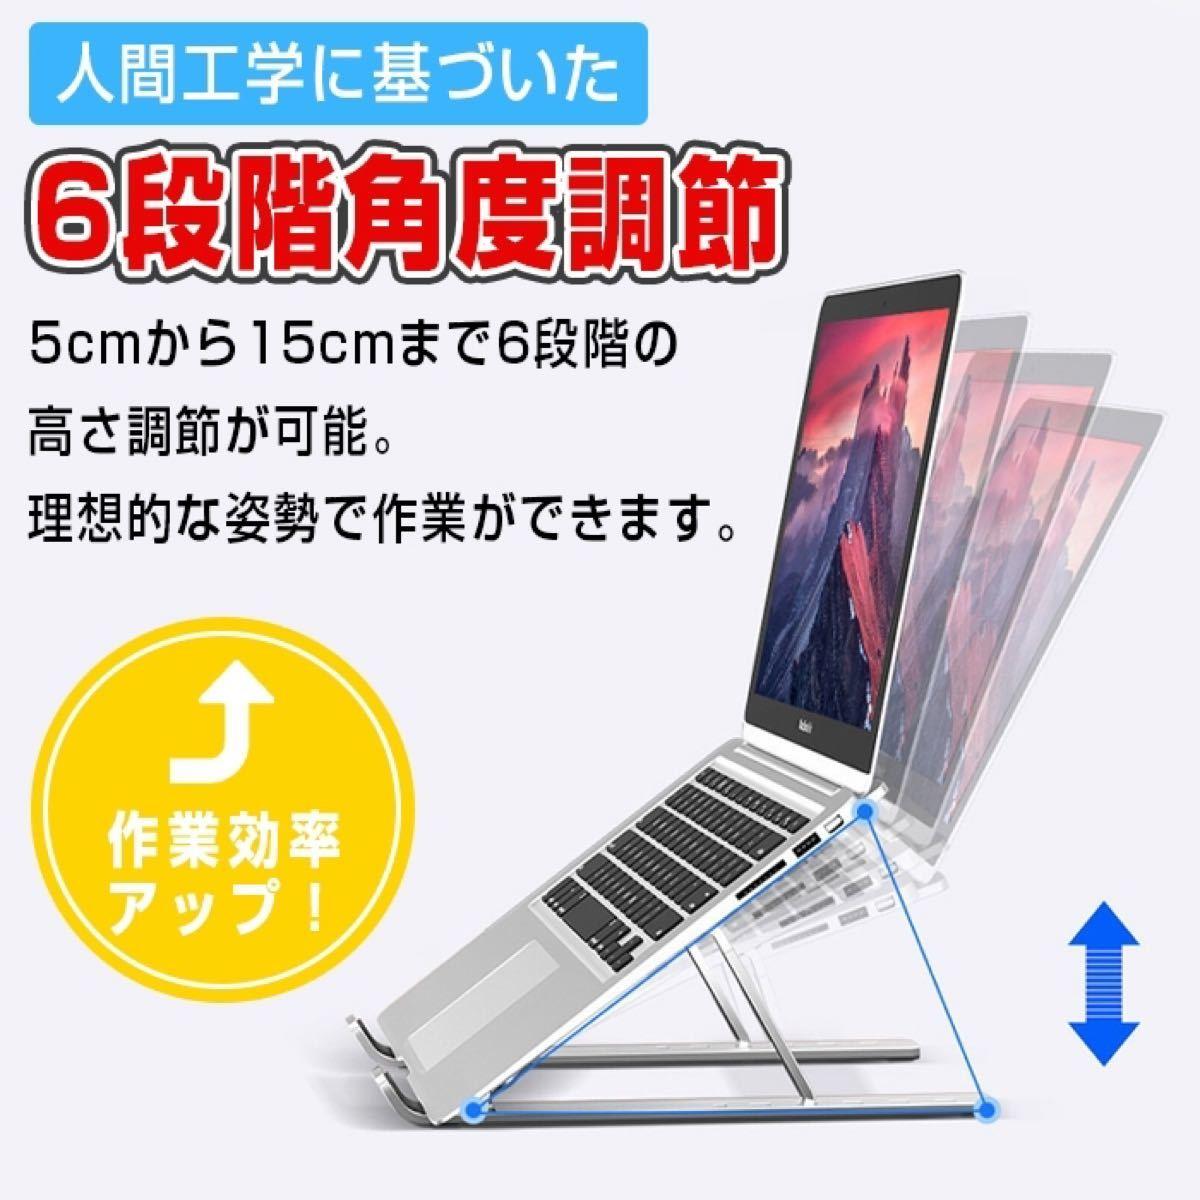 ノートパソコン スタンド PCスタンド パソコン PC タブレット 折りたたみ